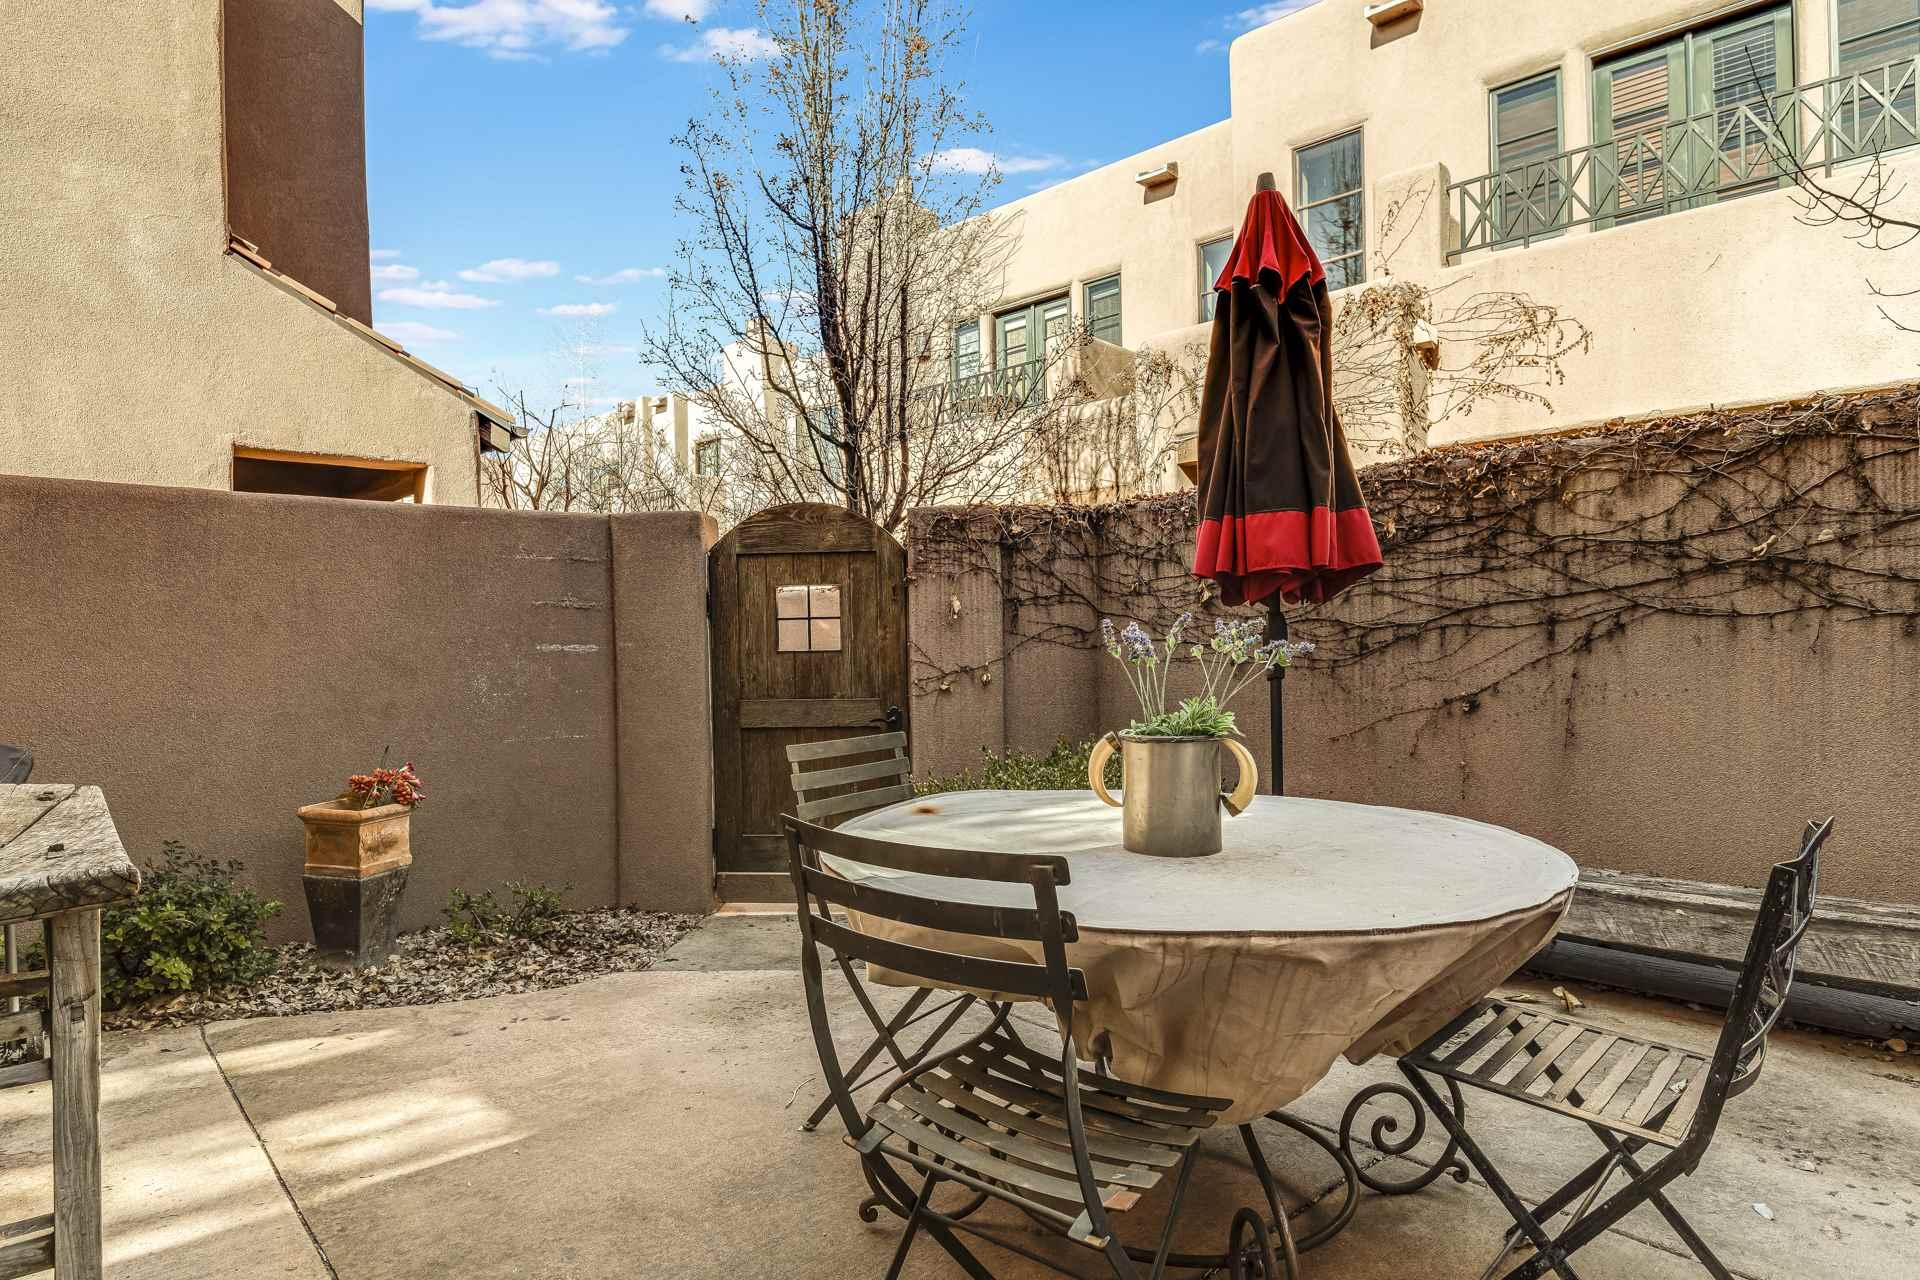 103 Catron, Santa Fe, New Mexico 87501, 2 Bedrooms Bedrooms, ,3 BathroomsBathrooms,Condominium,For Sale,103 Catron,2,201905455